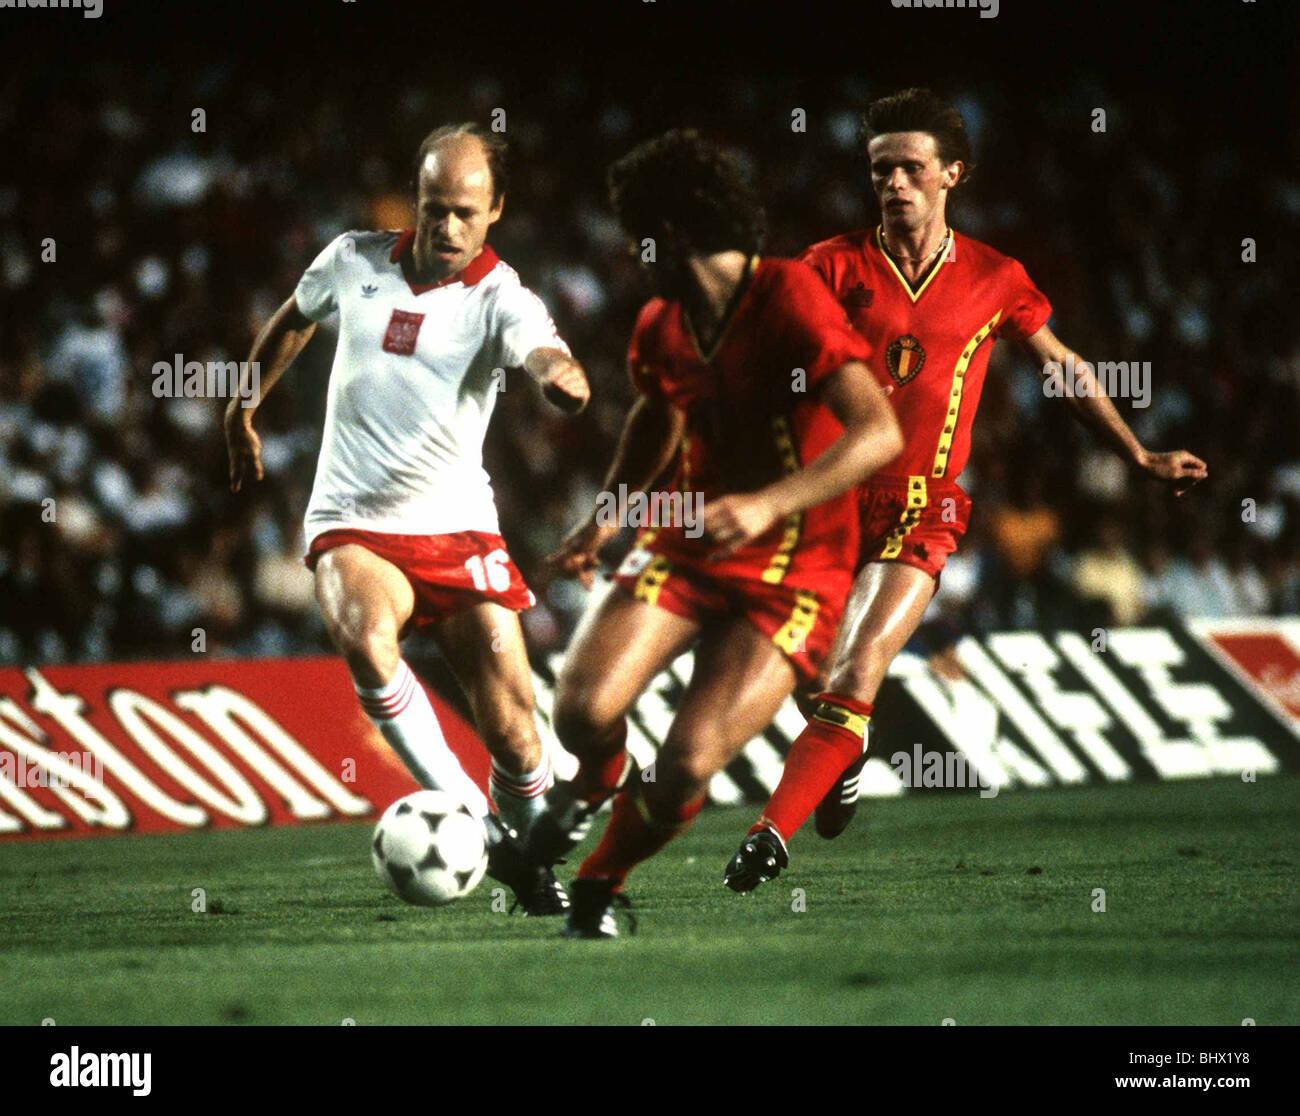 World Cup 1982 Group A Poland 3 Belgium 0 Grzegorz Lato of Poland